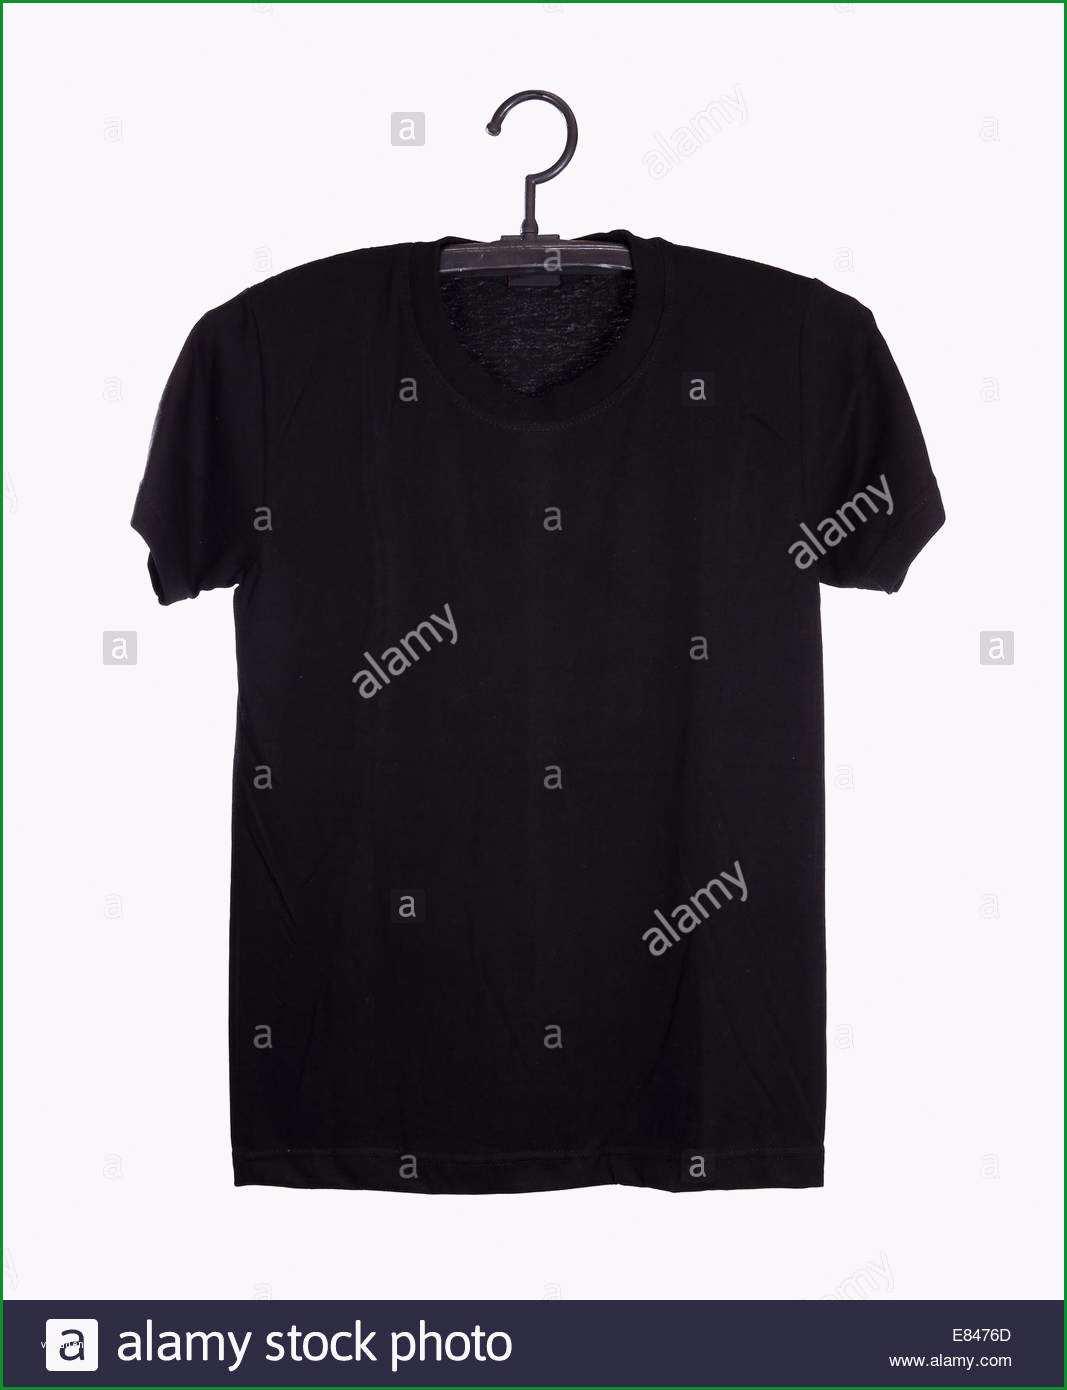 stockfoto schwarzes t shirt vorlage auf kleiderbugel vorderseite isoliert auf weissem hintergrund